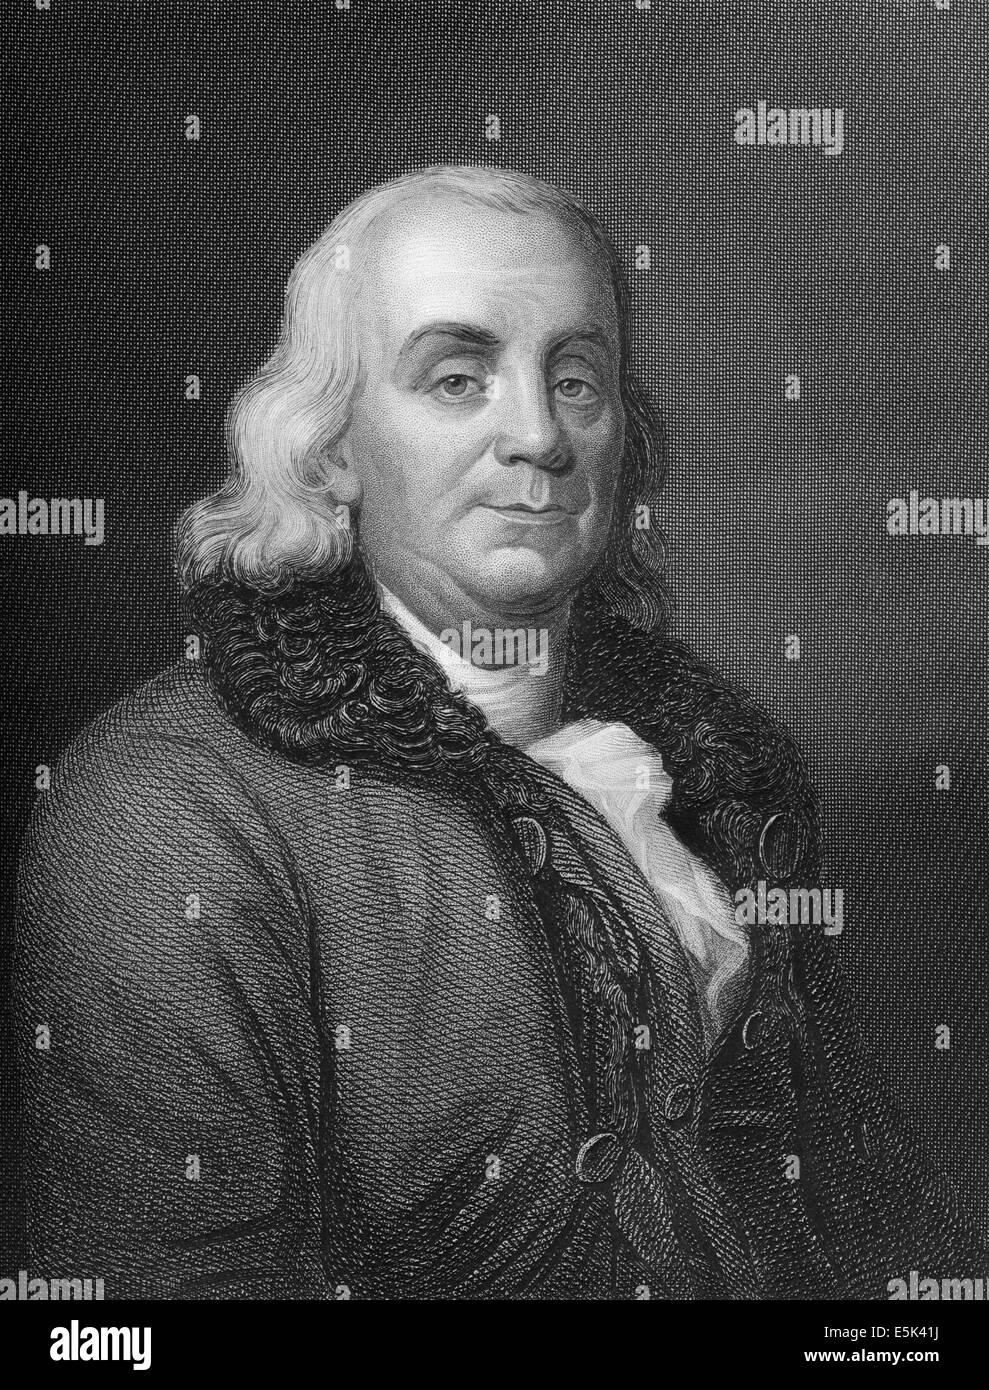 Benjamin Franklin, 1706 - 1790, l'Amérique du Nord un imprimeur, éditeur, écrivain, scientifique, inventeur et homme d'État, Banque D'Images